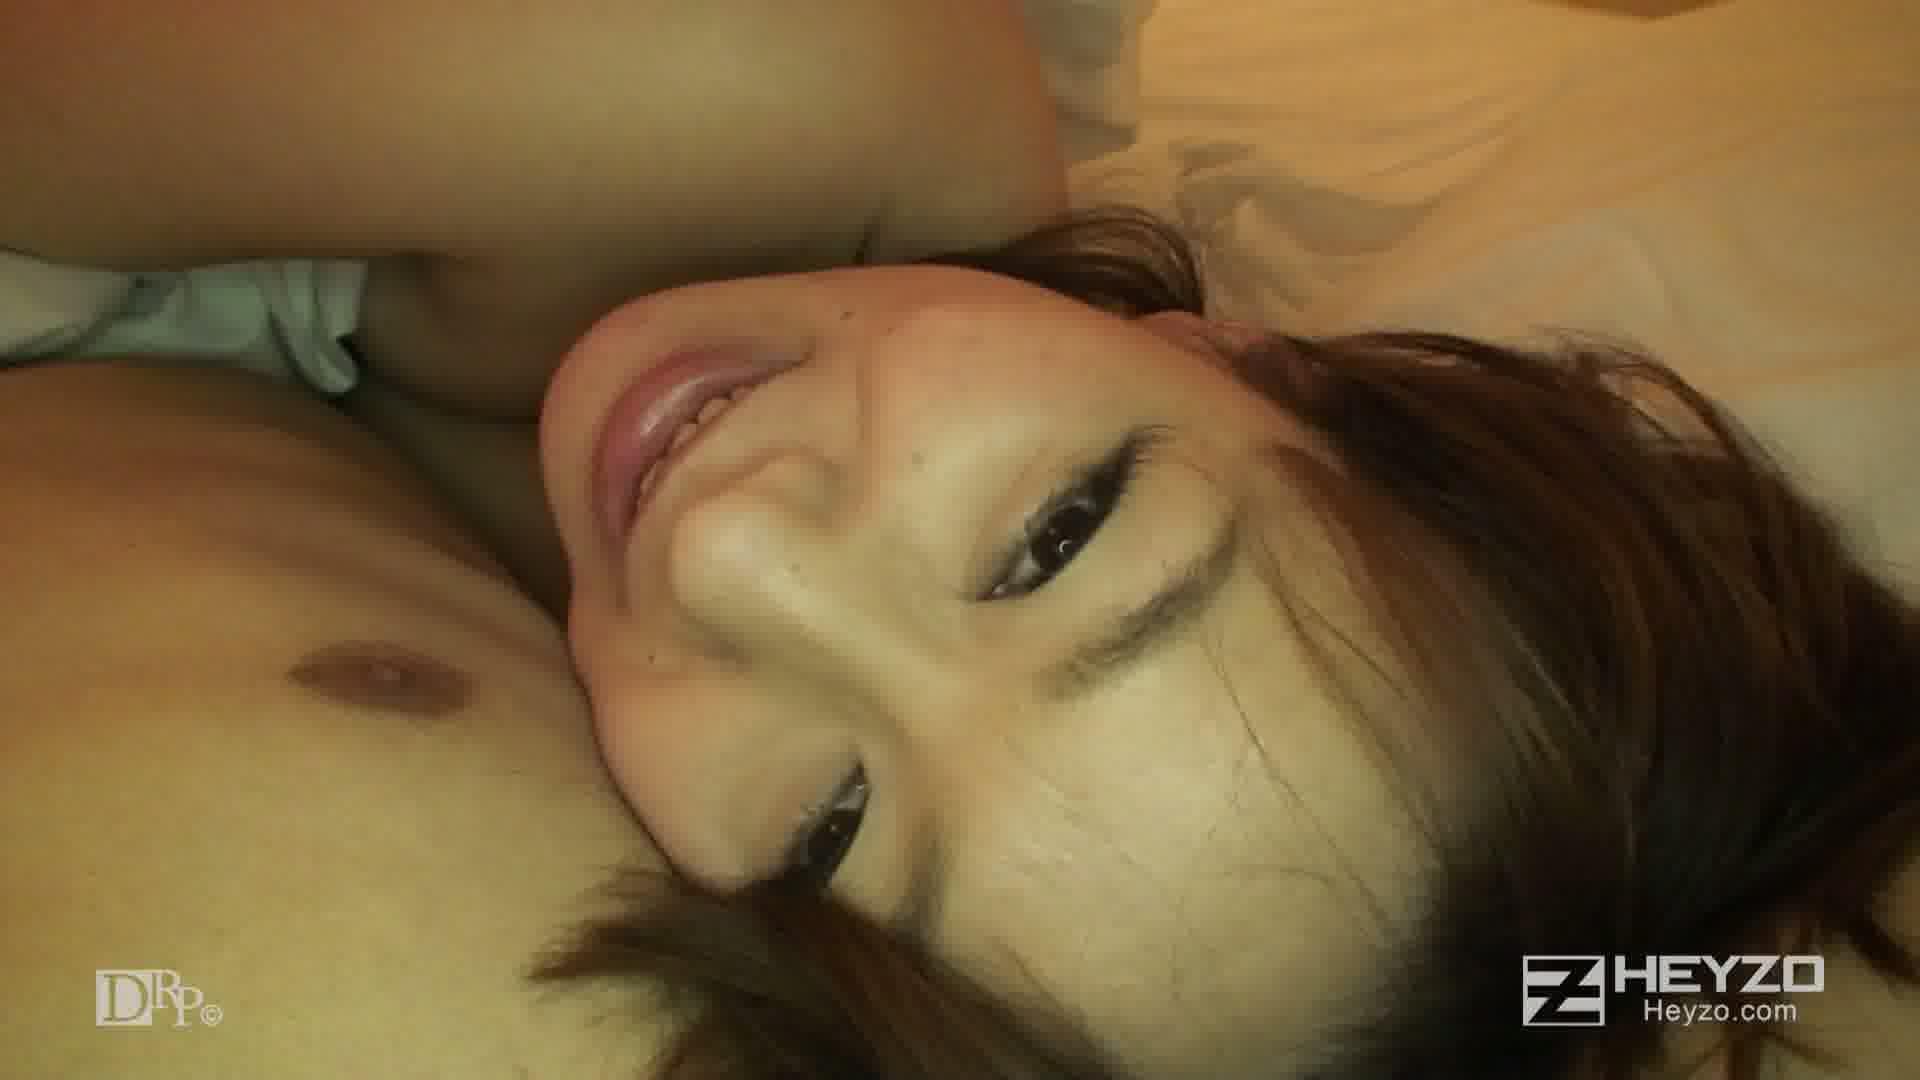 女優・吉井美希としっぽりデート~さらけ出した熟女の素顔~ - 吉井美希【正常位 騎乗位 バック 中出し】